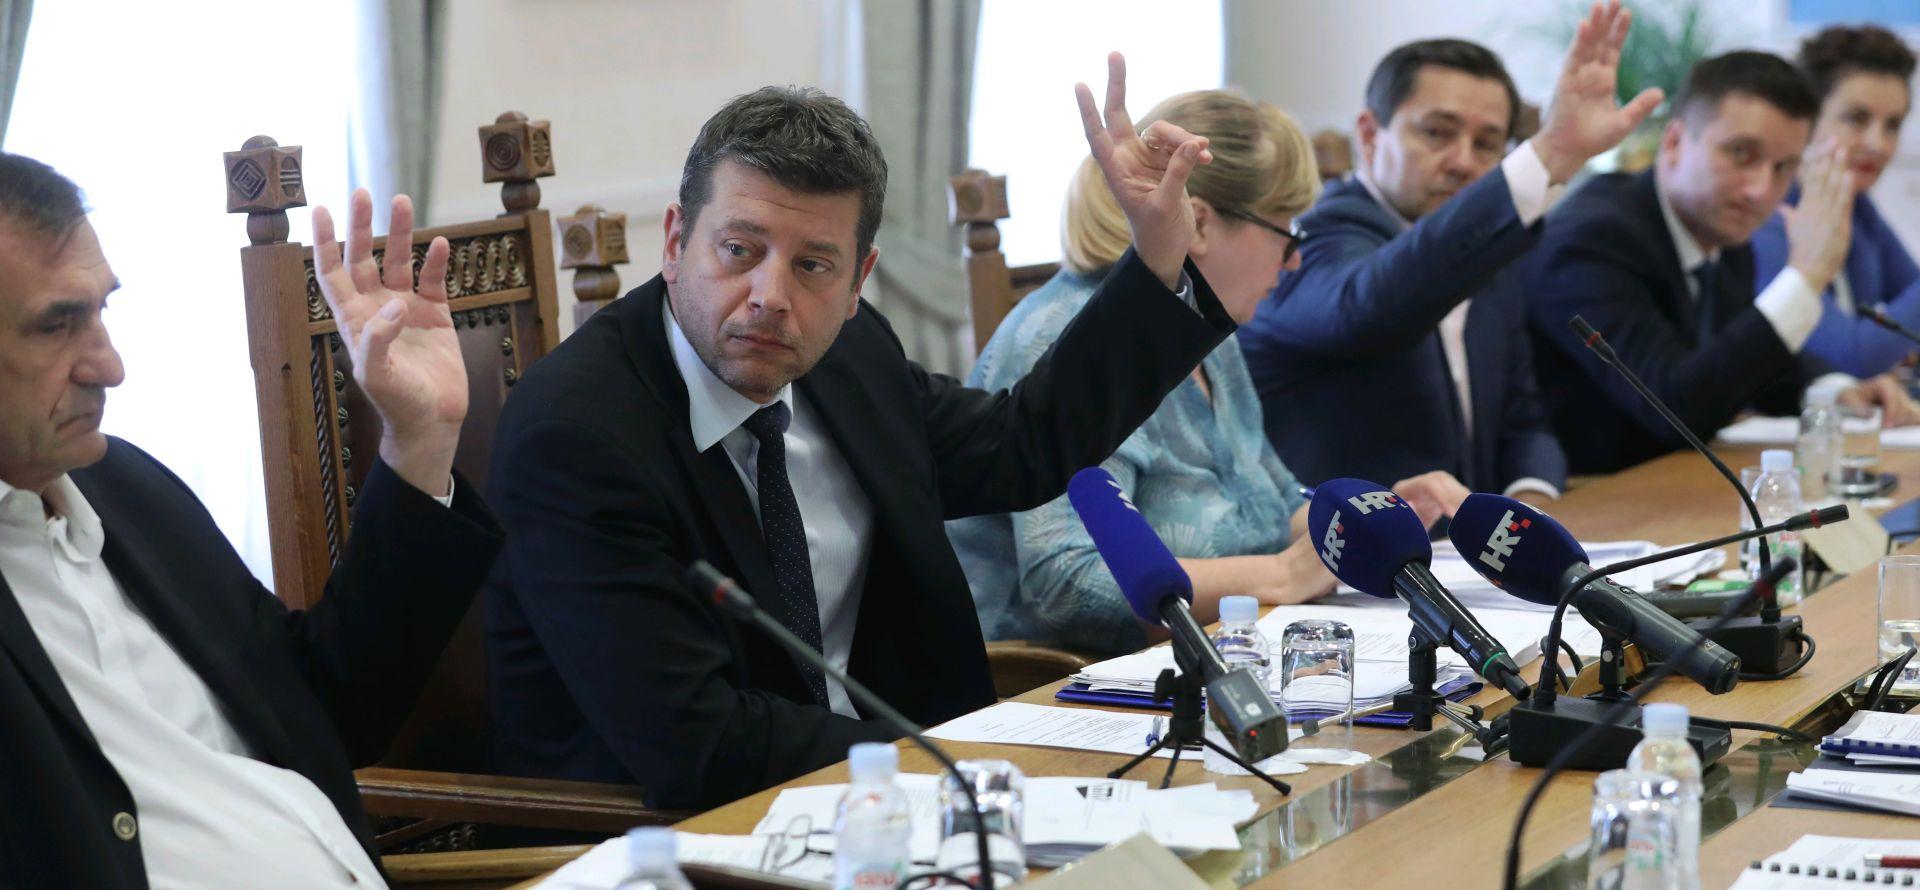 Odbor za medije većinom glasova zatražio smjenu Nadzornog odbora HRT-a